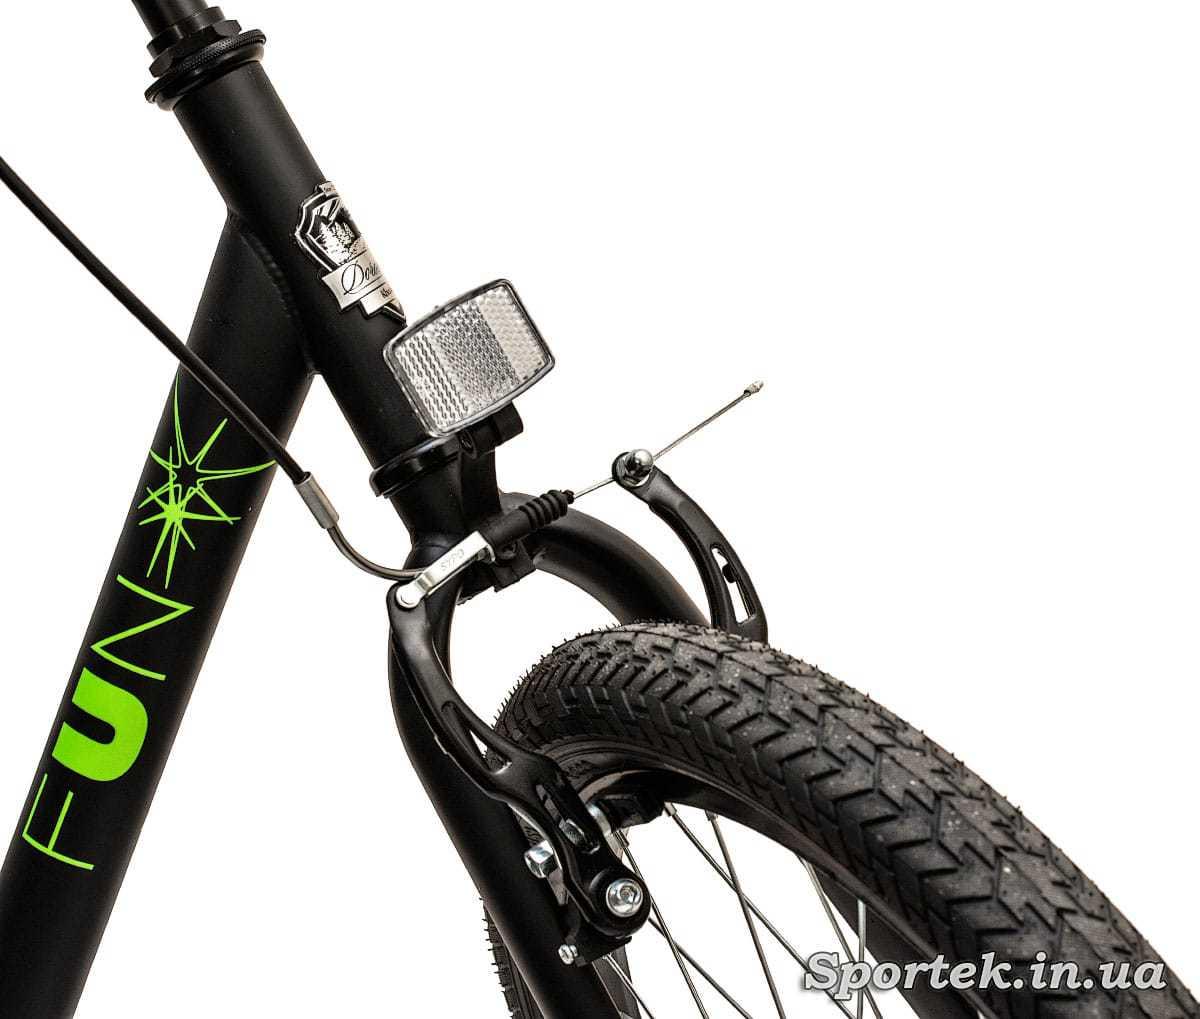 Передние колесо и тормоз складного подросткового велосипеда Dorozhnik Fun 2016